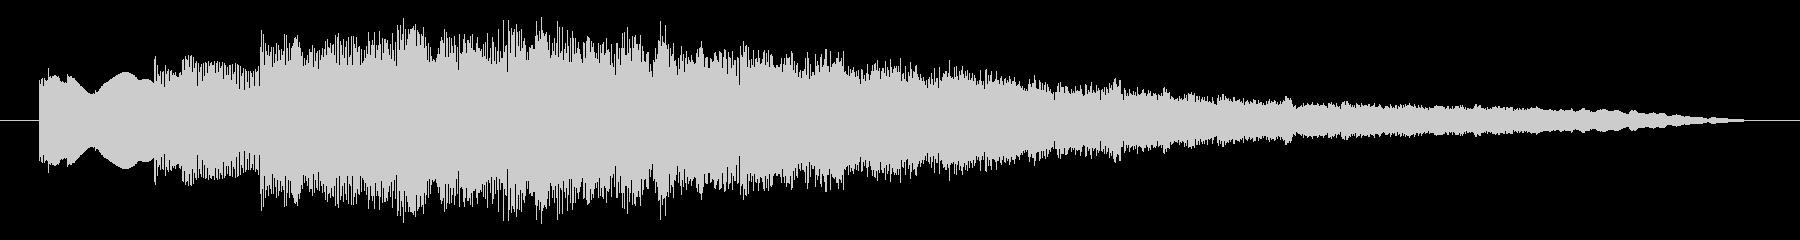 ジングル ベルメロディーハッピー02の未再生の波形